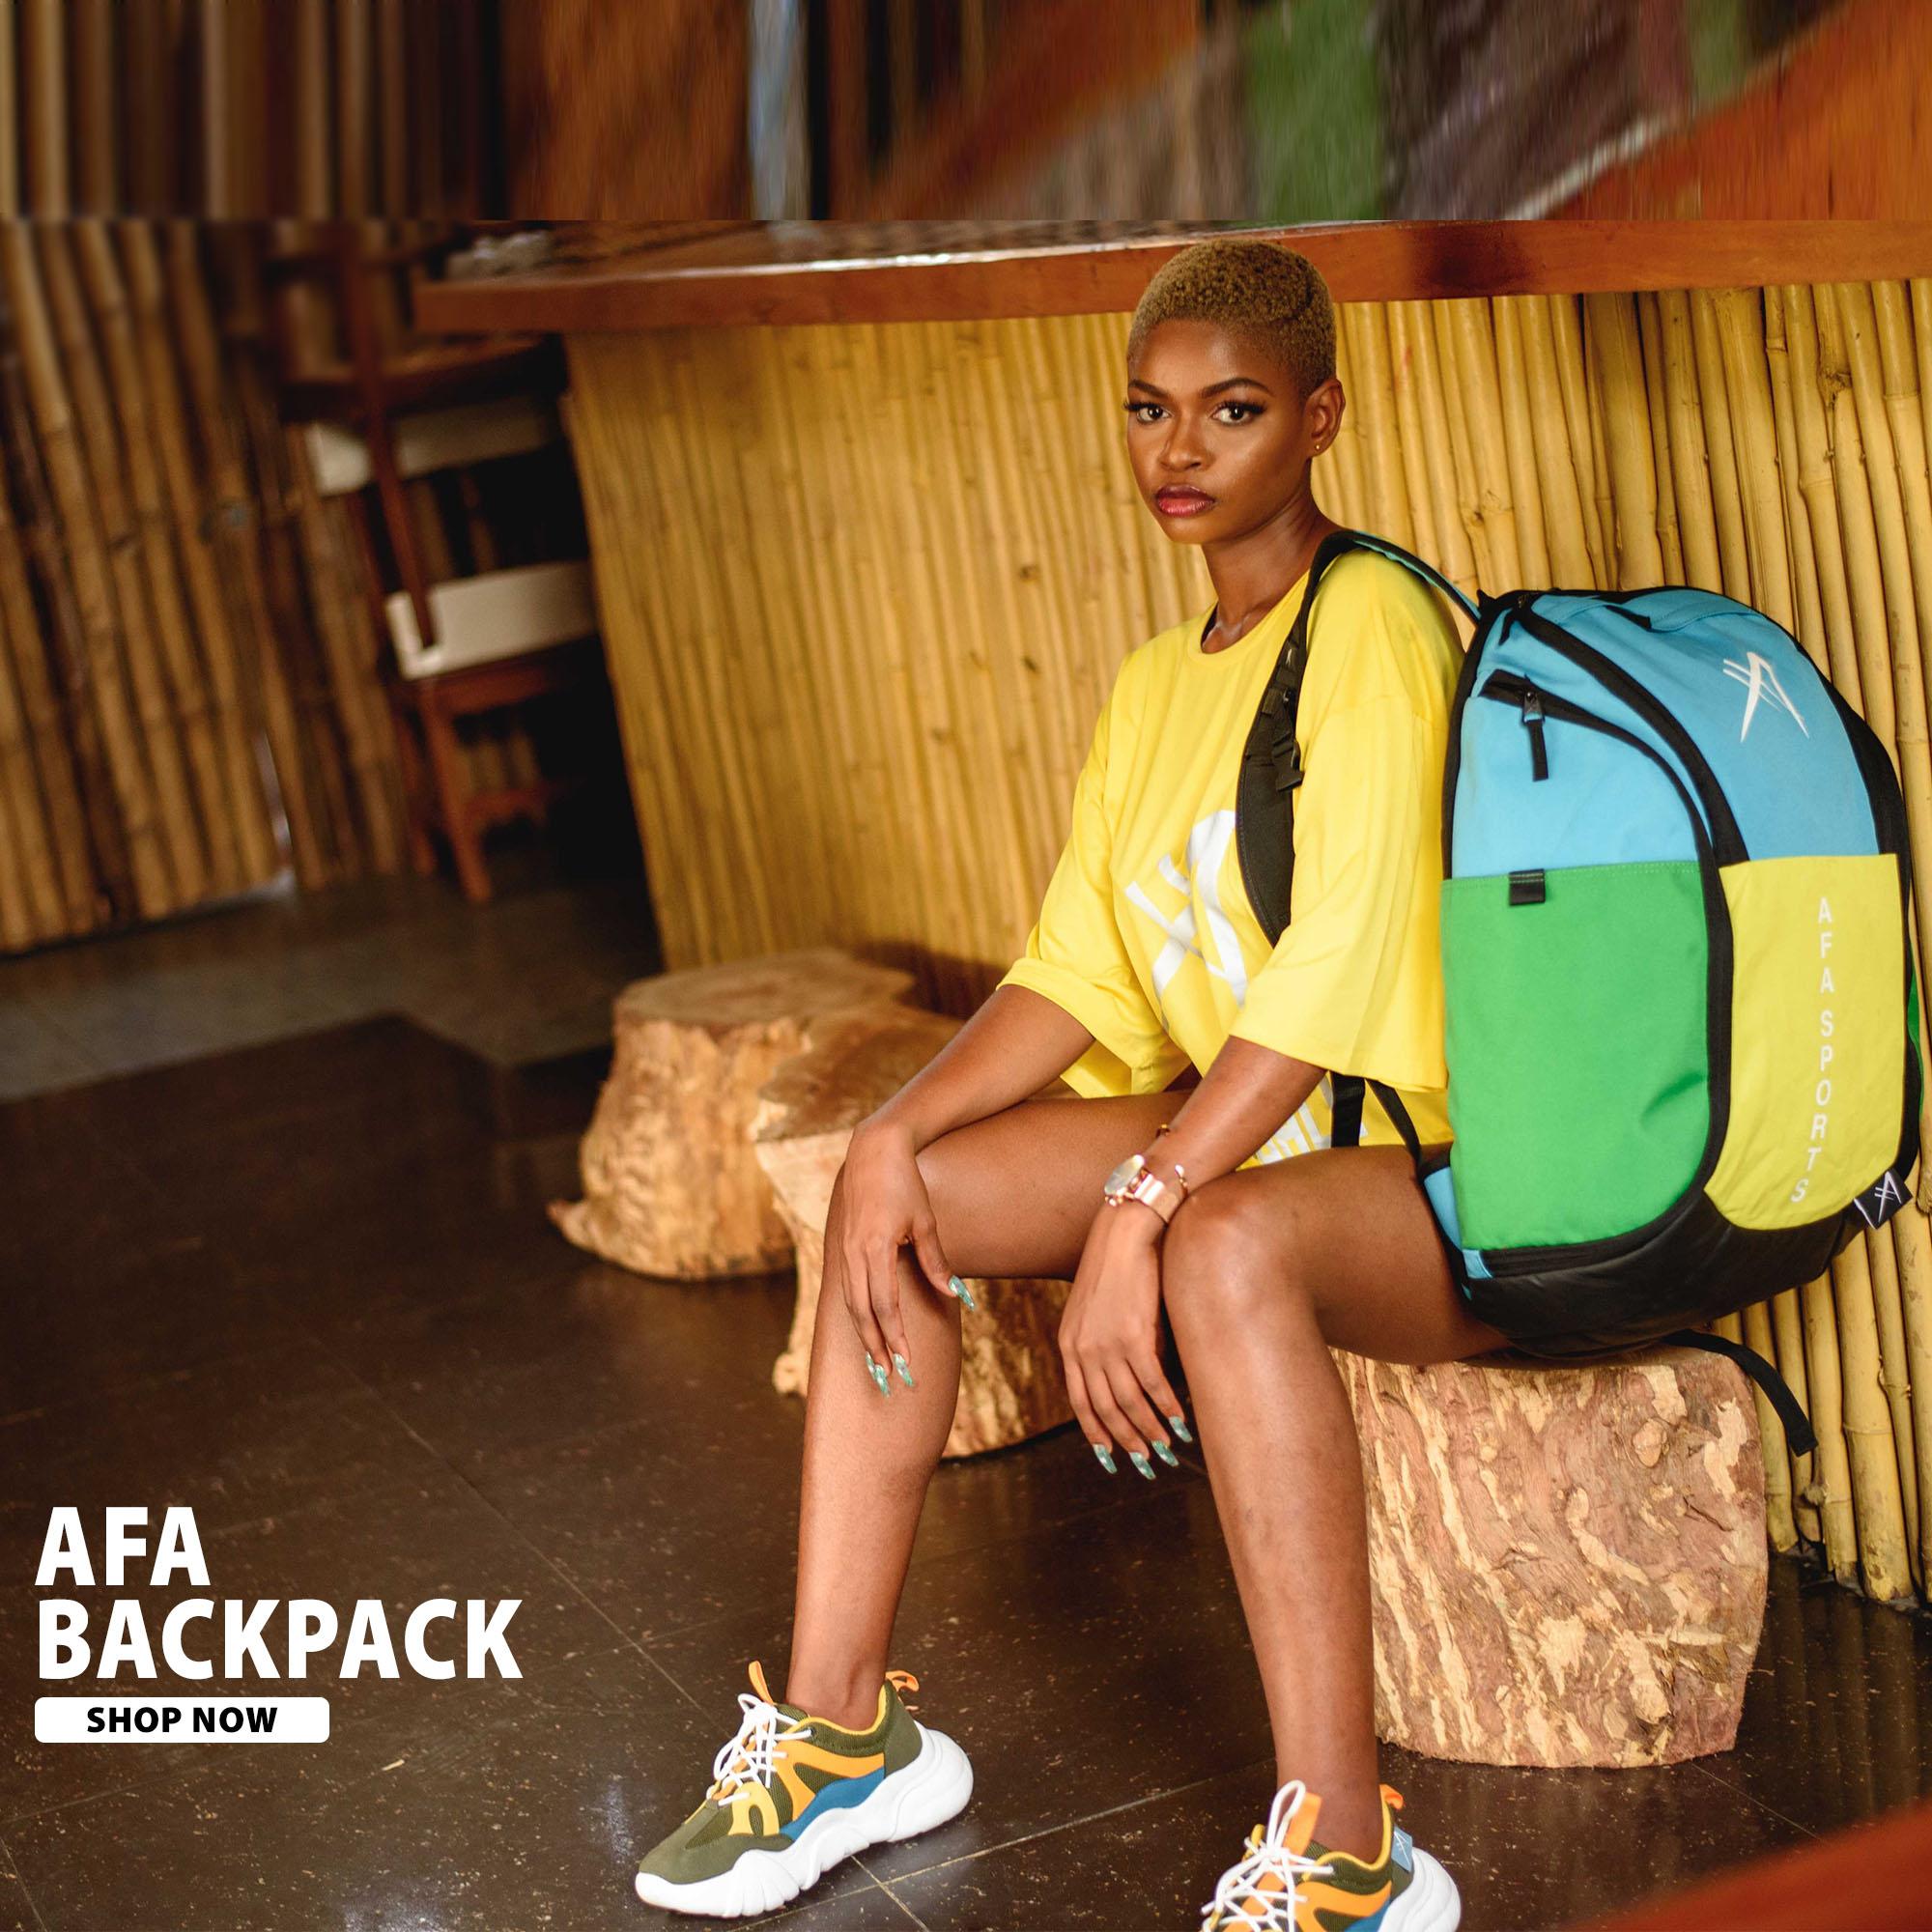 AFA bagpack